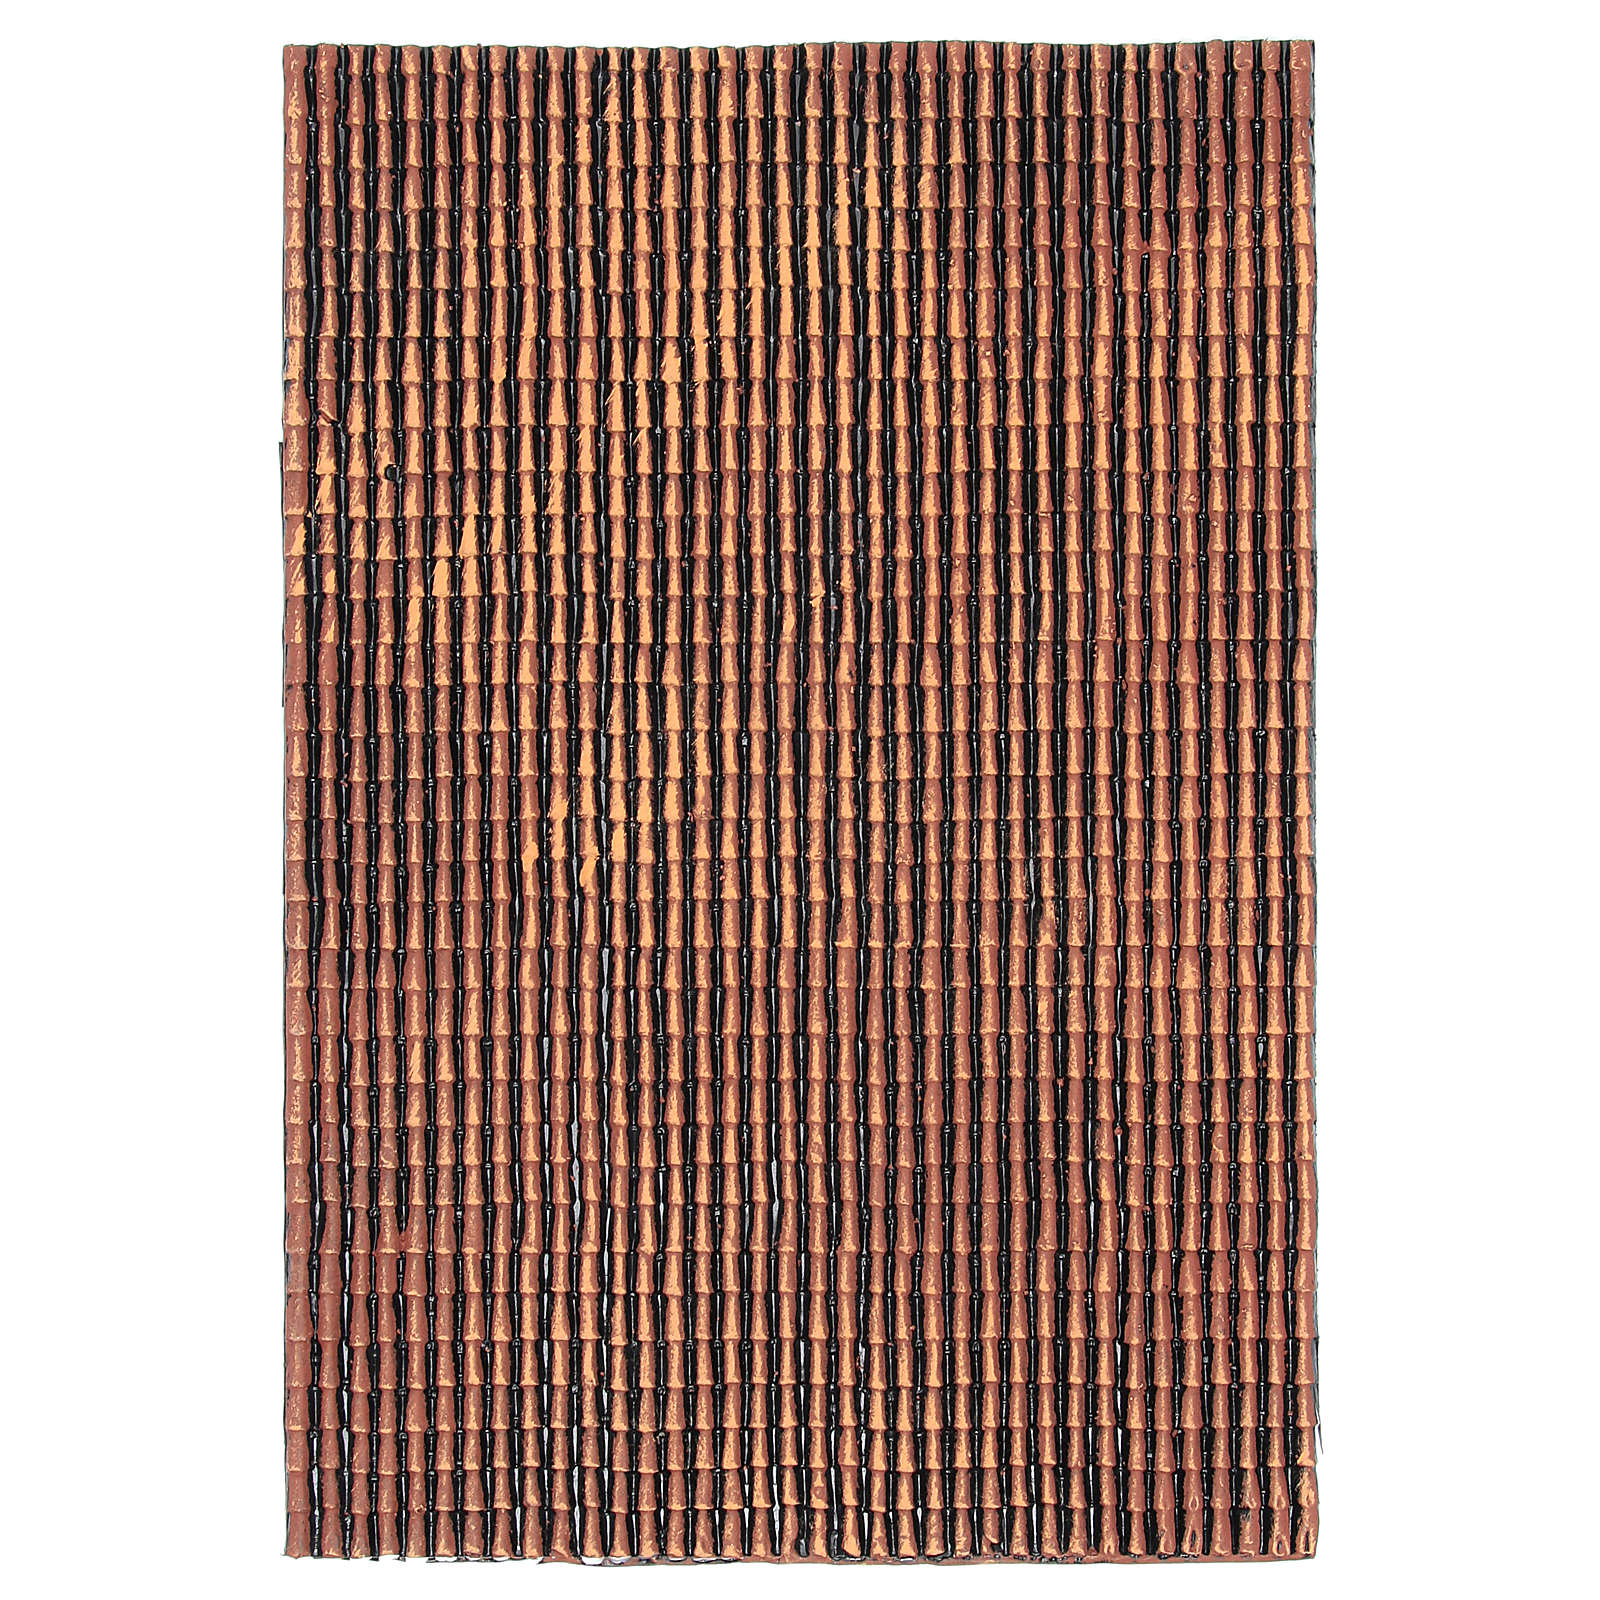 Panel z plastiku do dachu z dachówkami w odcieniach koloru czerwonego wielkość 50x30 4